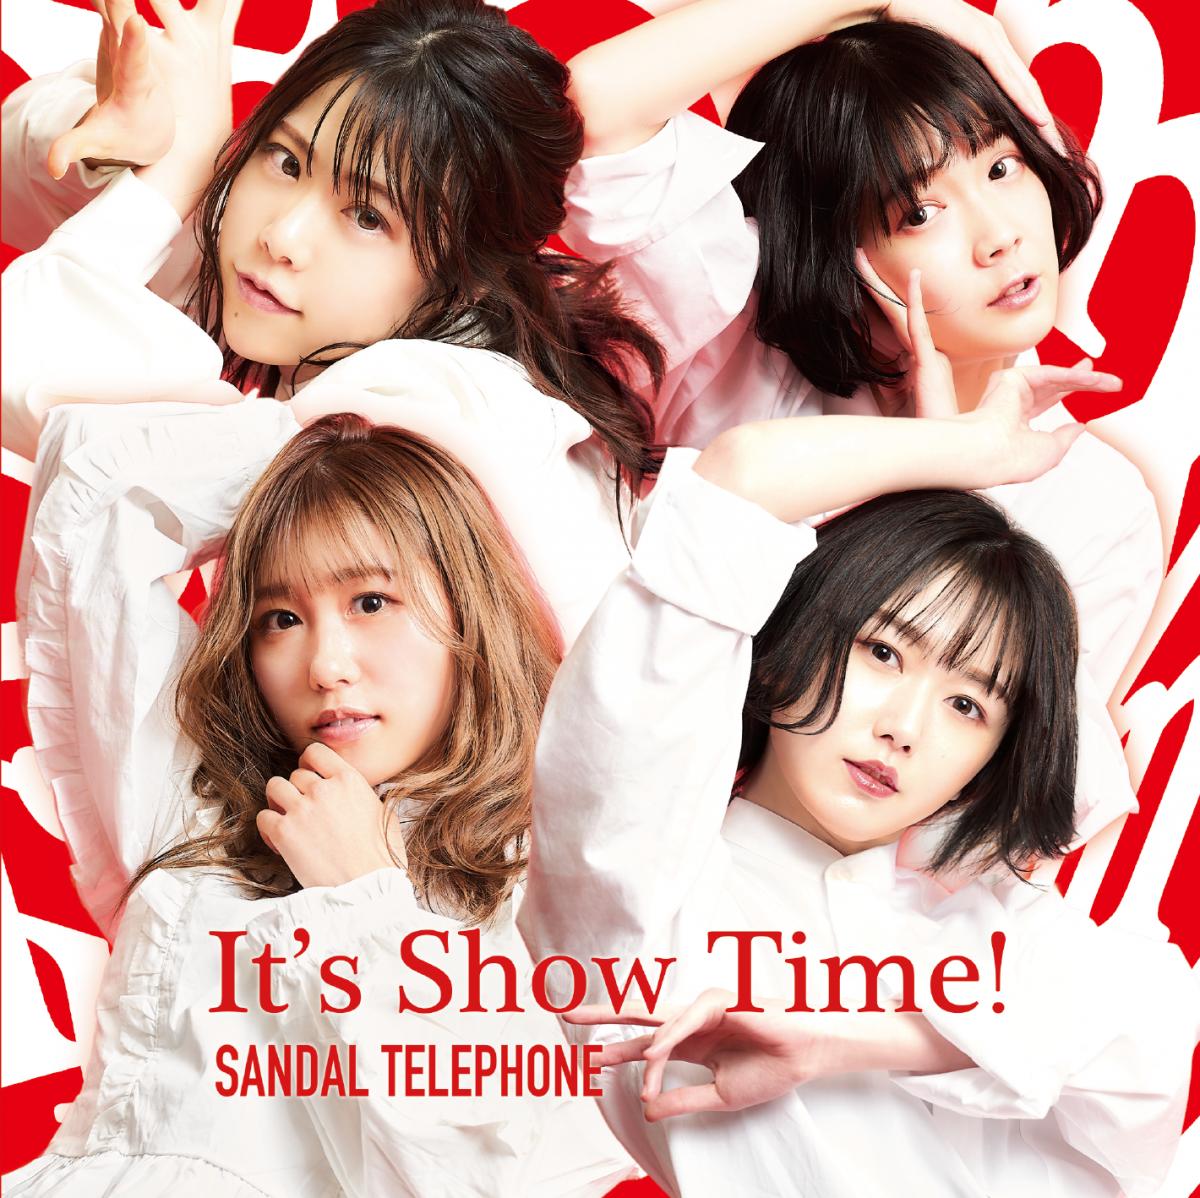 【先着特典付】サンダルテレフォン「It's Show Time! / 碧い鏡(Type-RED)」